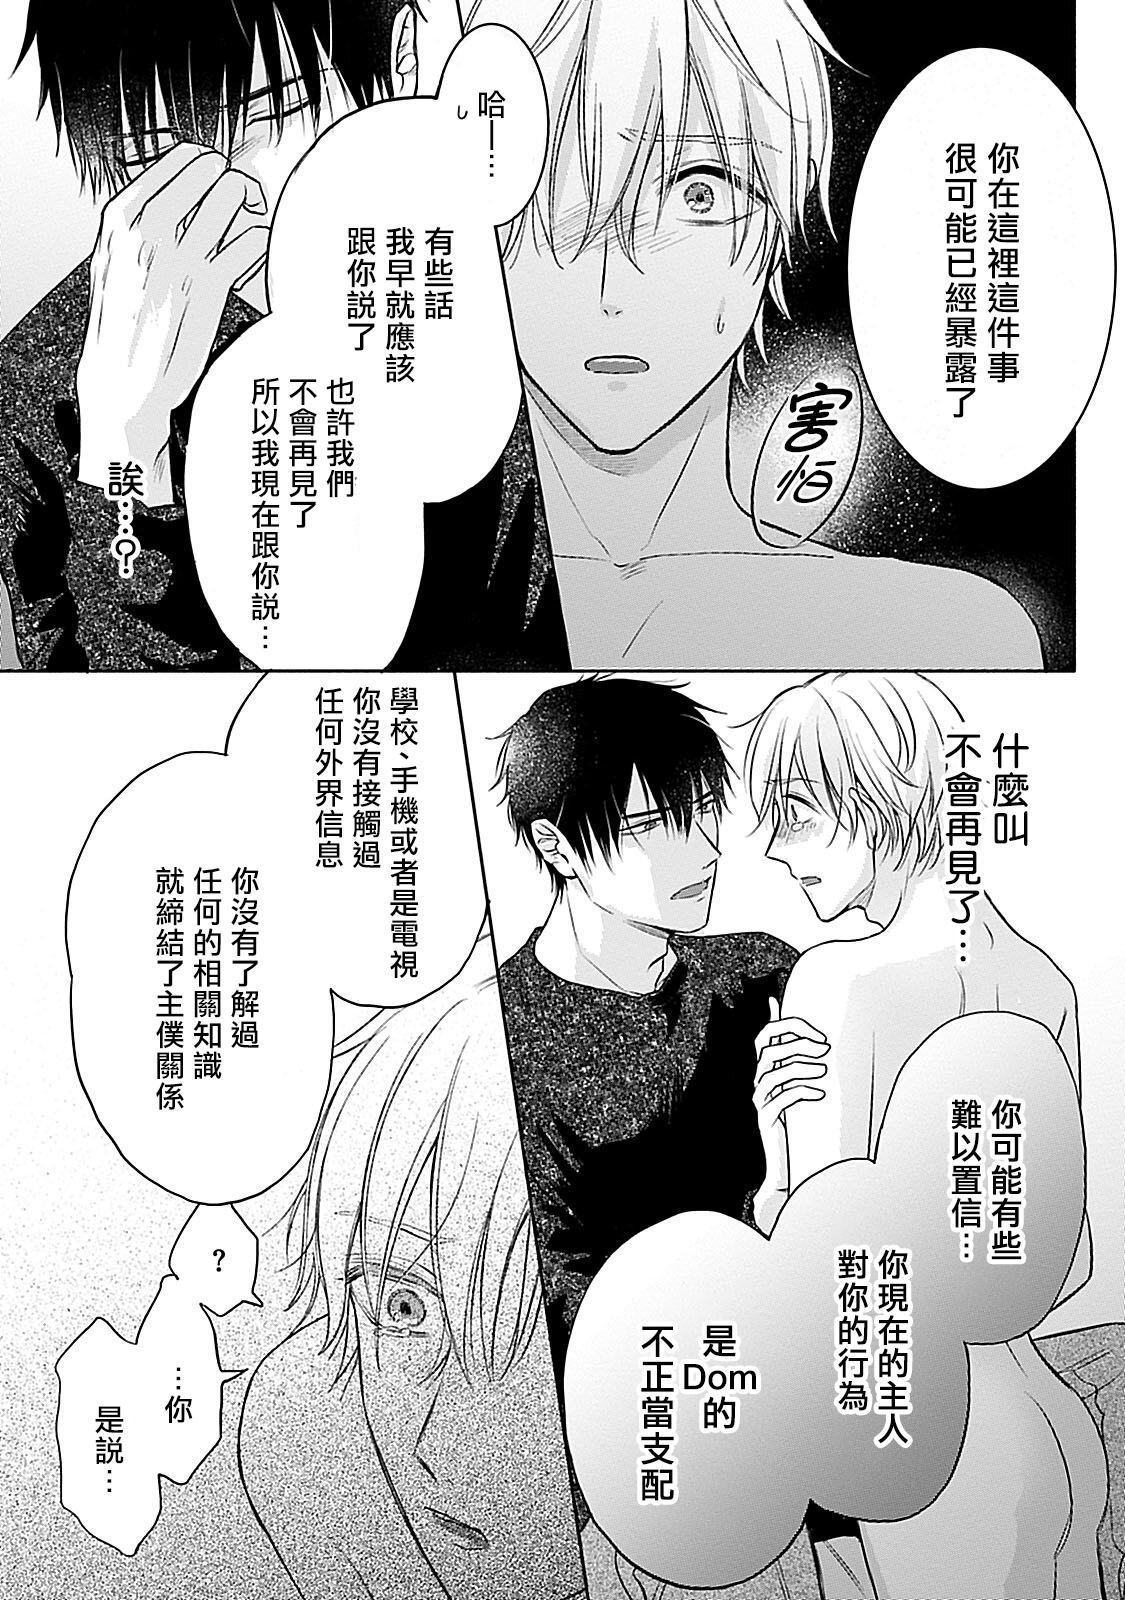 Shujuu no Saga | 主仆之性 Ch. 4-5 29